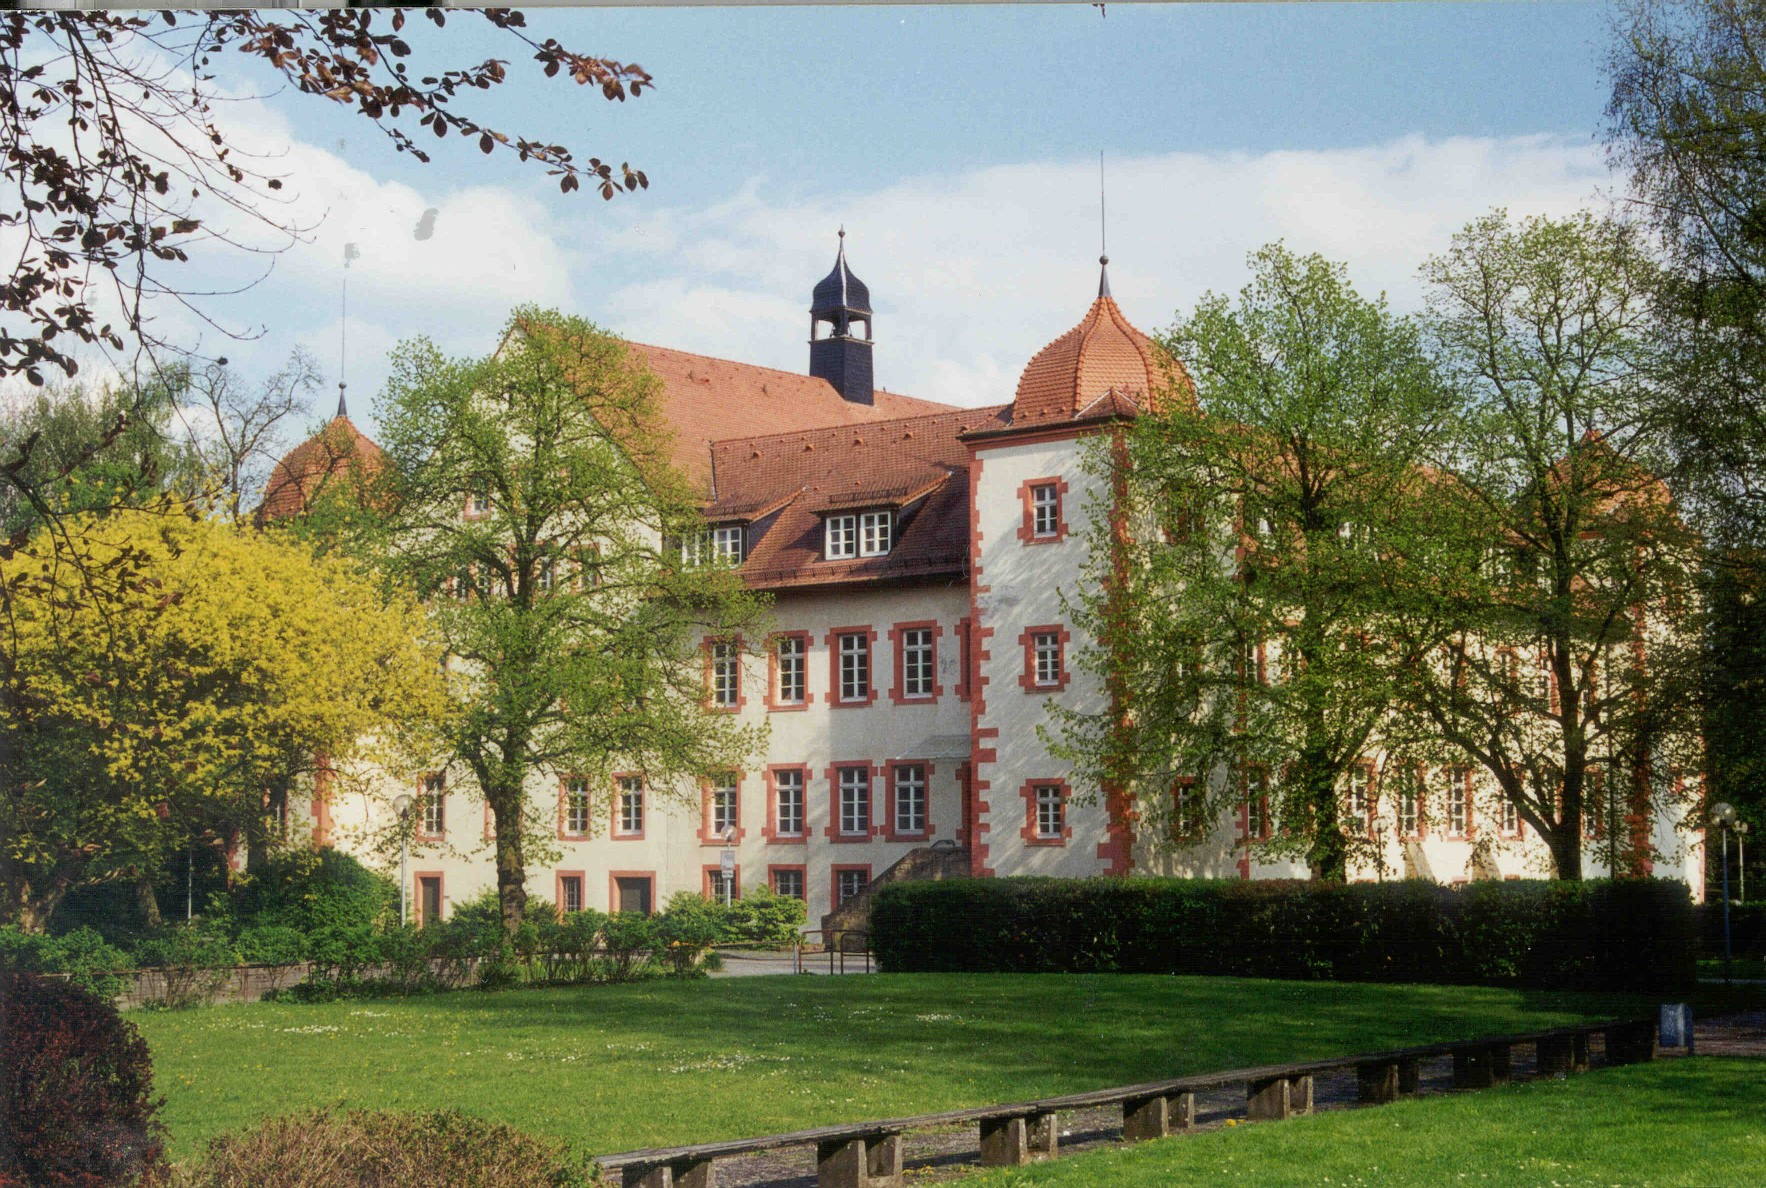 Oberderdingen-Flehingen